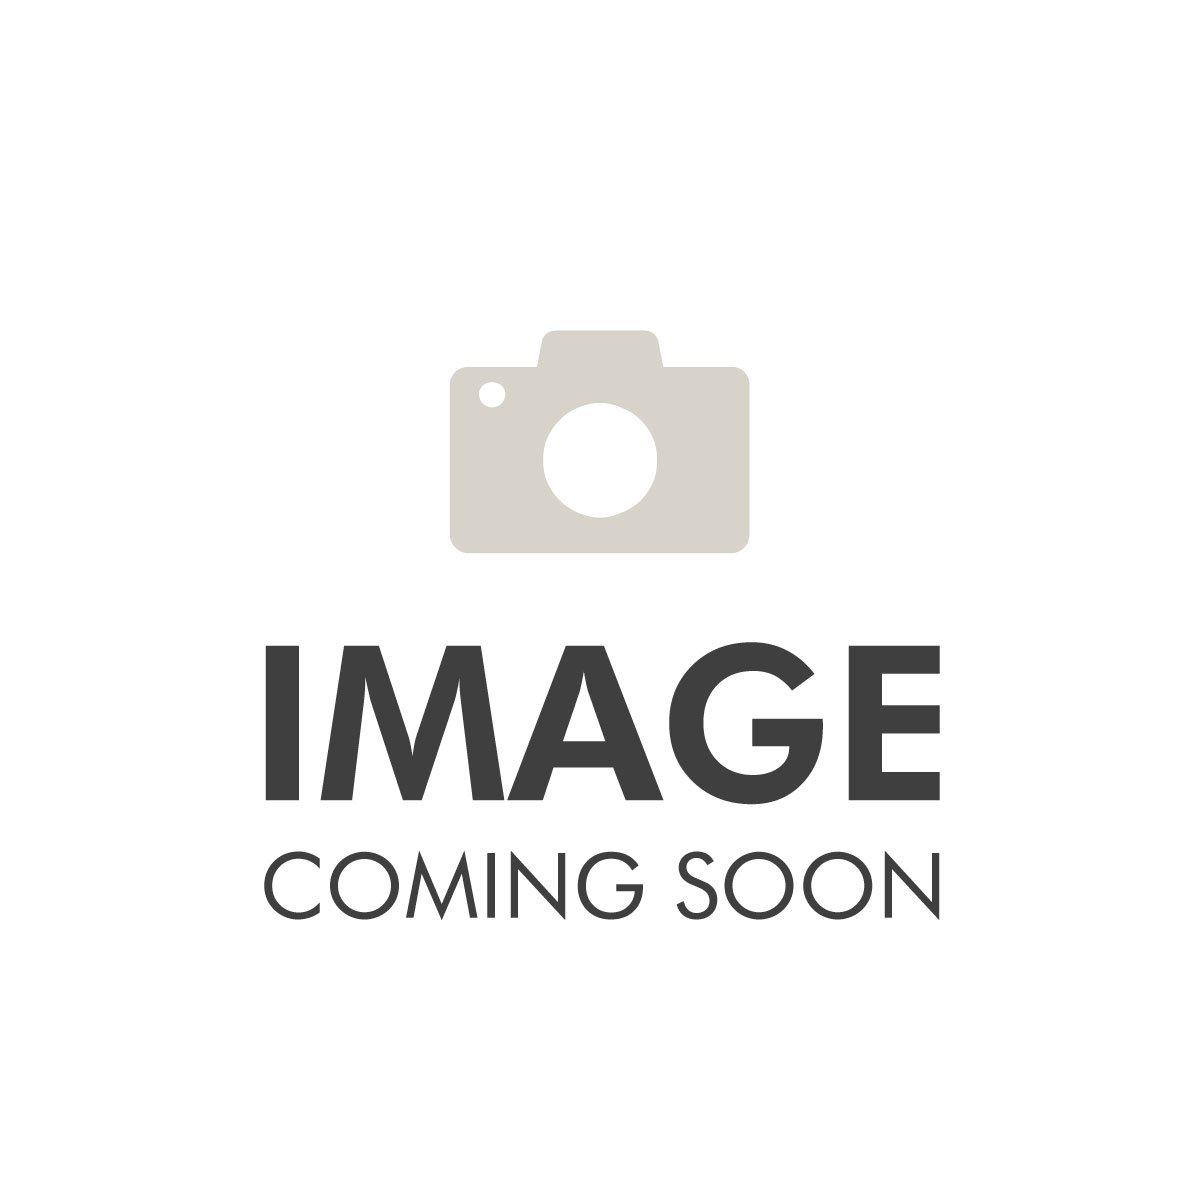 Prieur - Foil Lamé - Women - Stainless